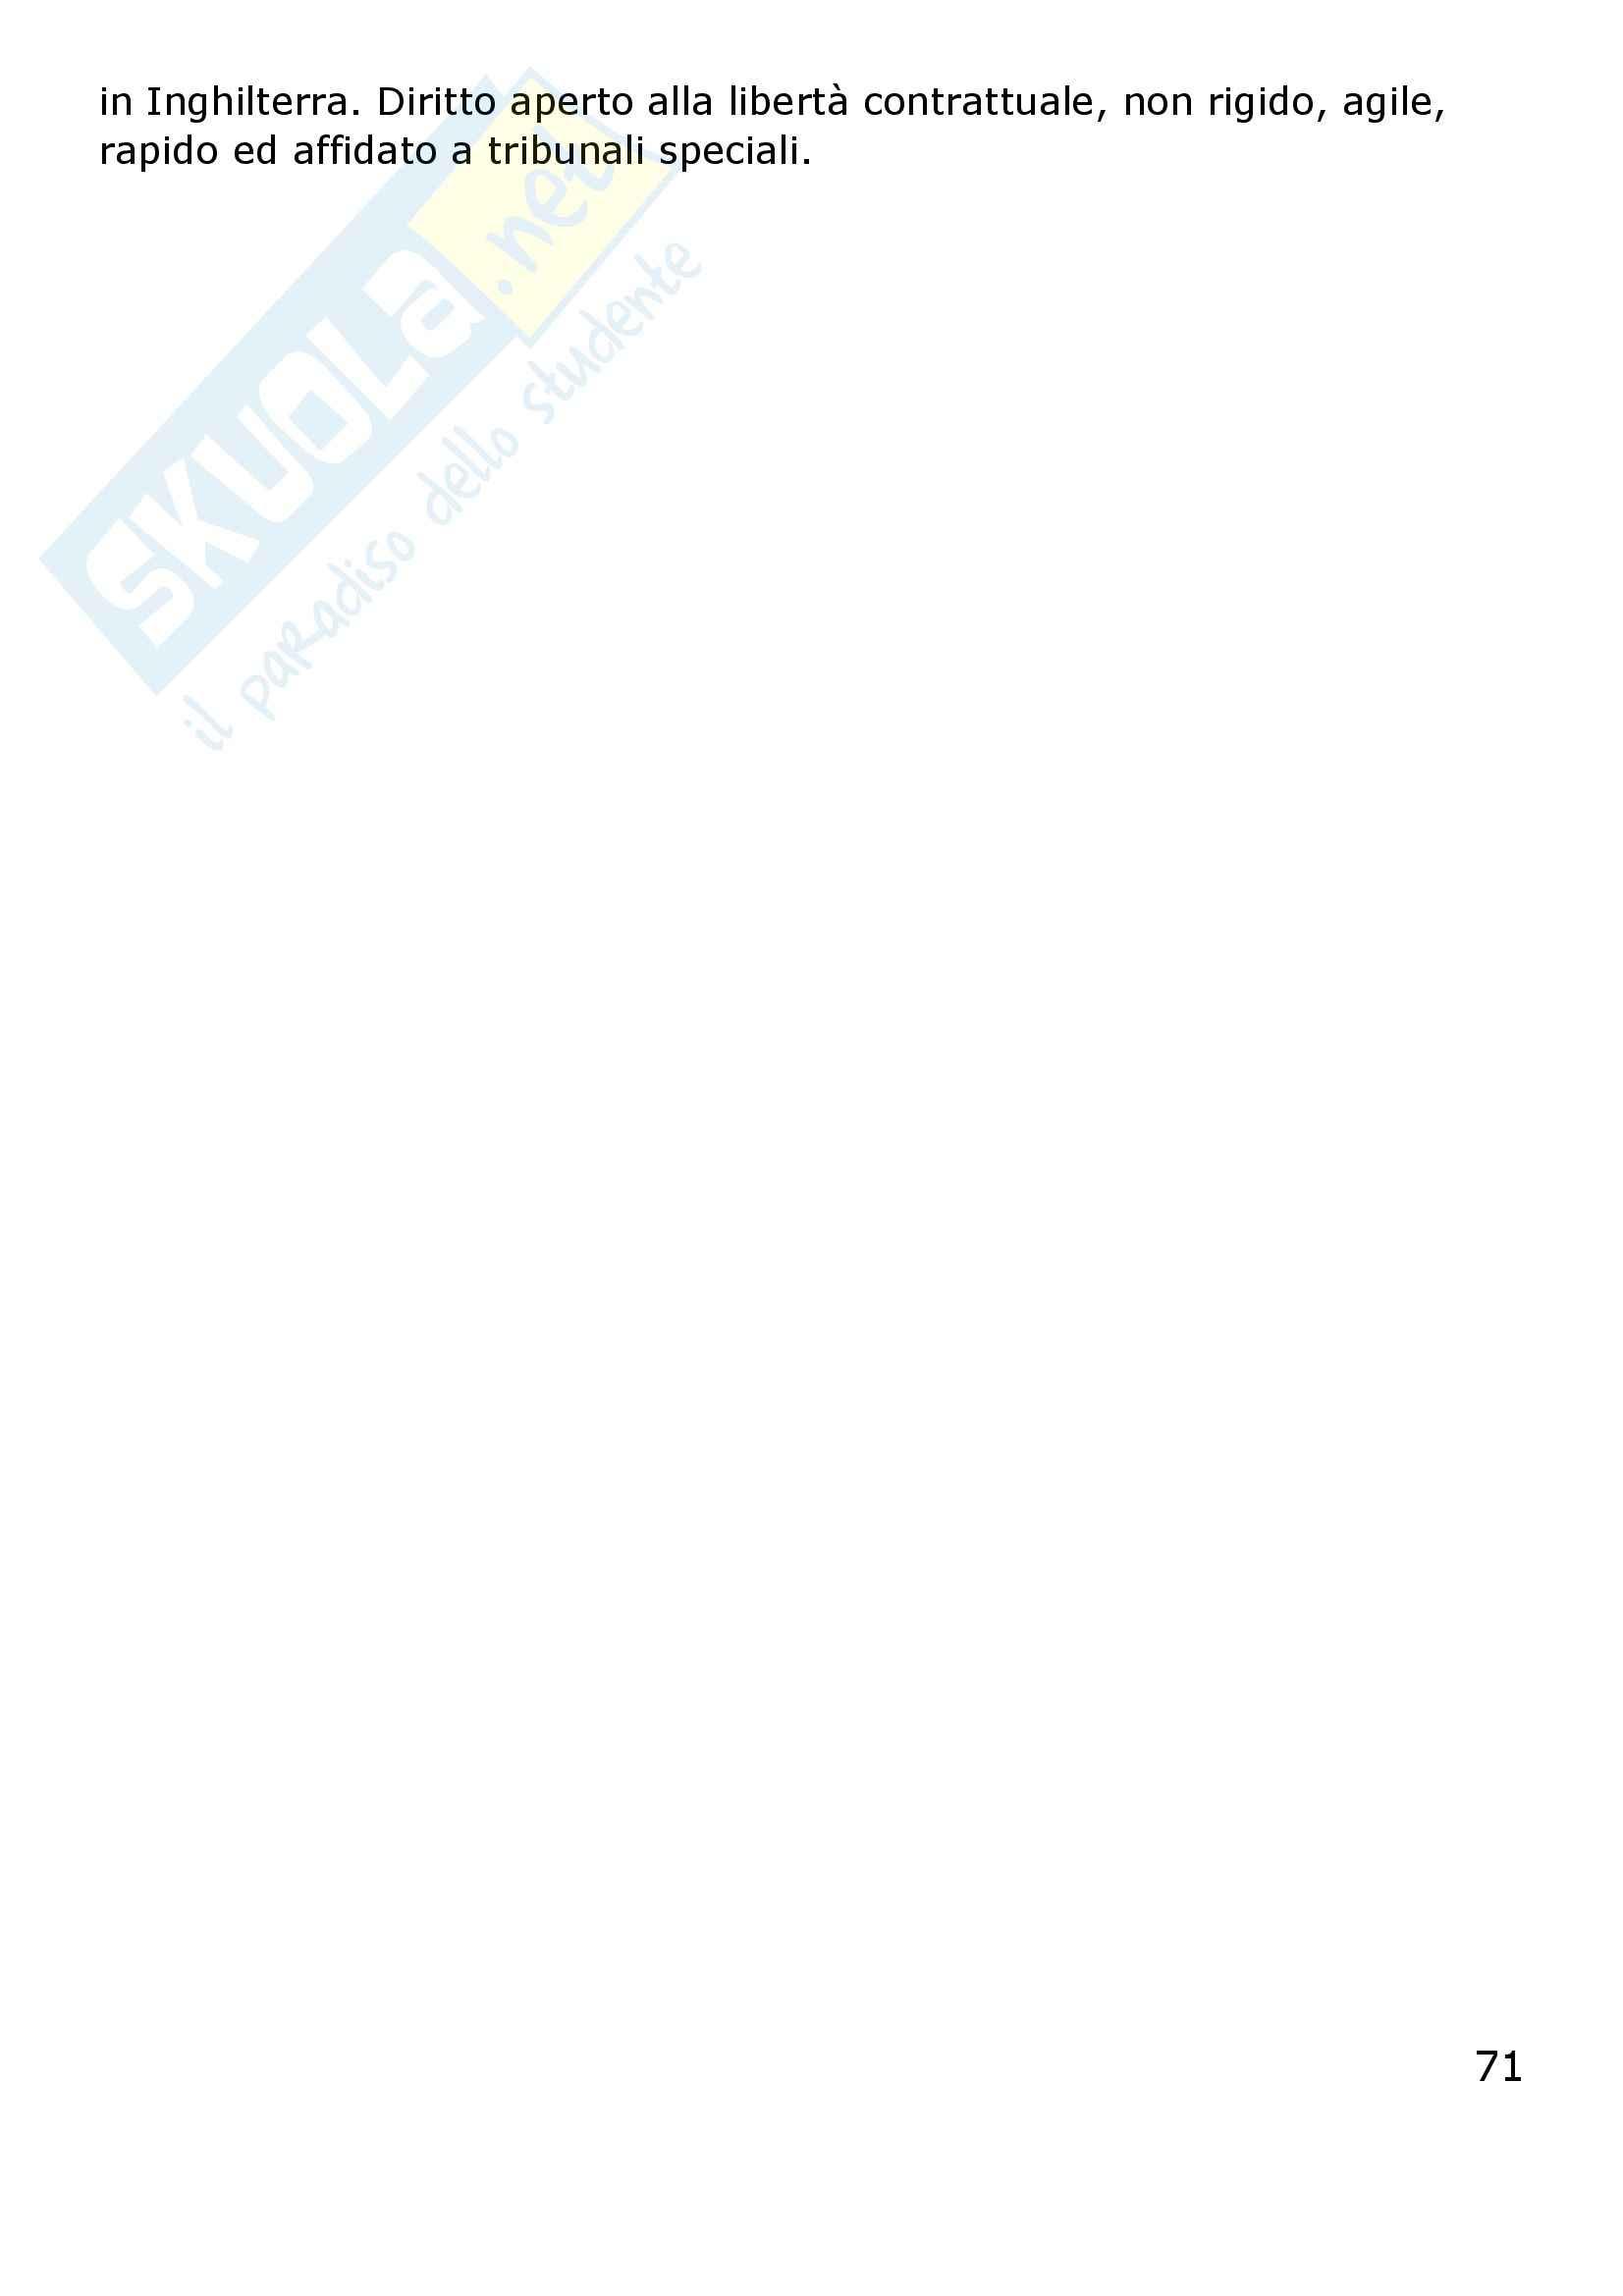 Riassunto esame Diritto Privato Comparato, prof. Corapi, libro consigliato Sistemi Giuridici Comparati, Gambaro, Sacco Pag. 71